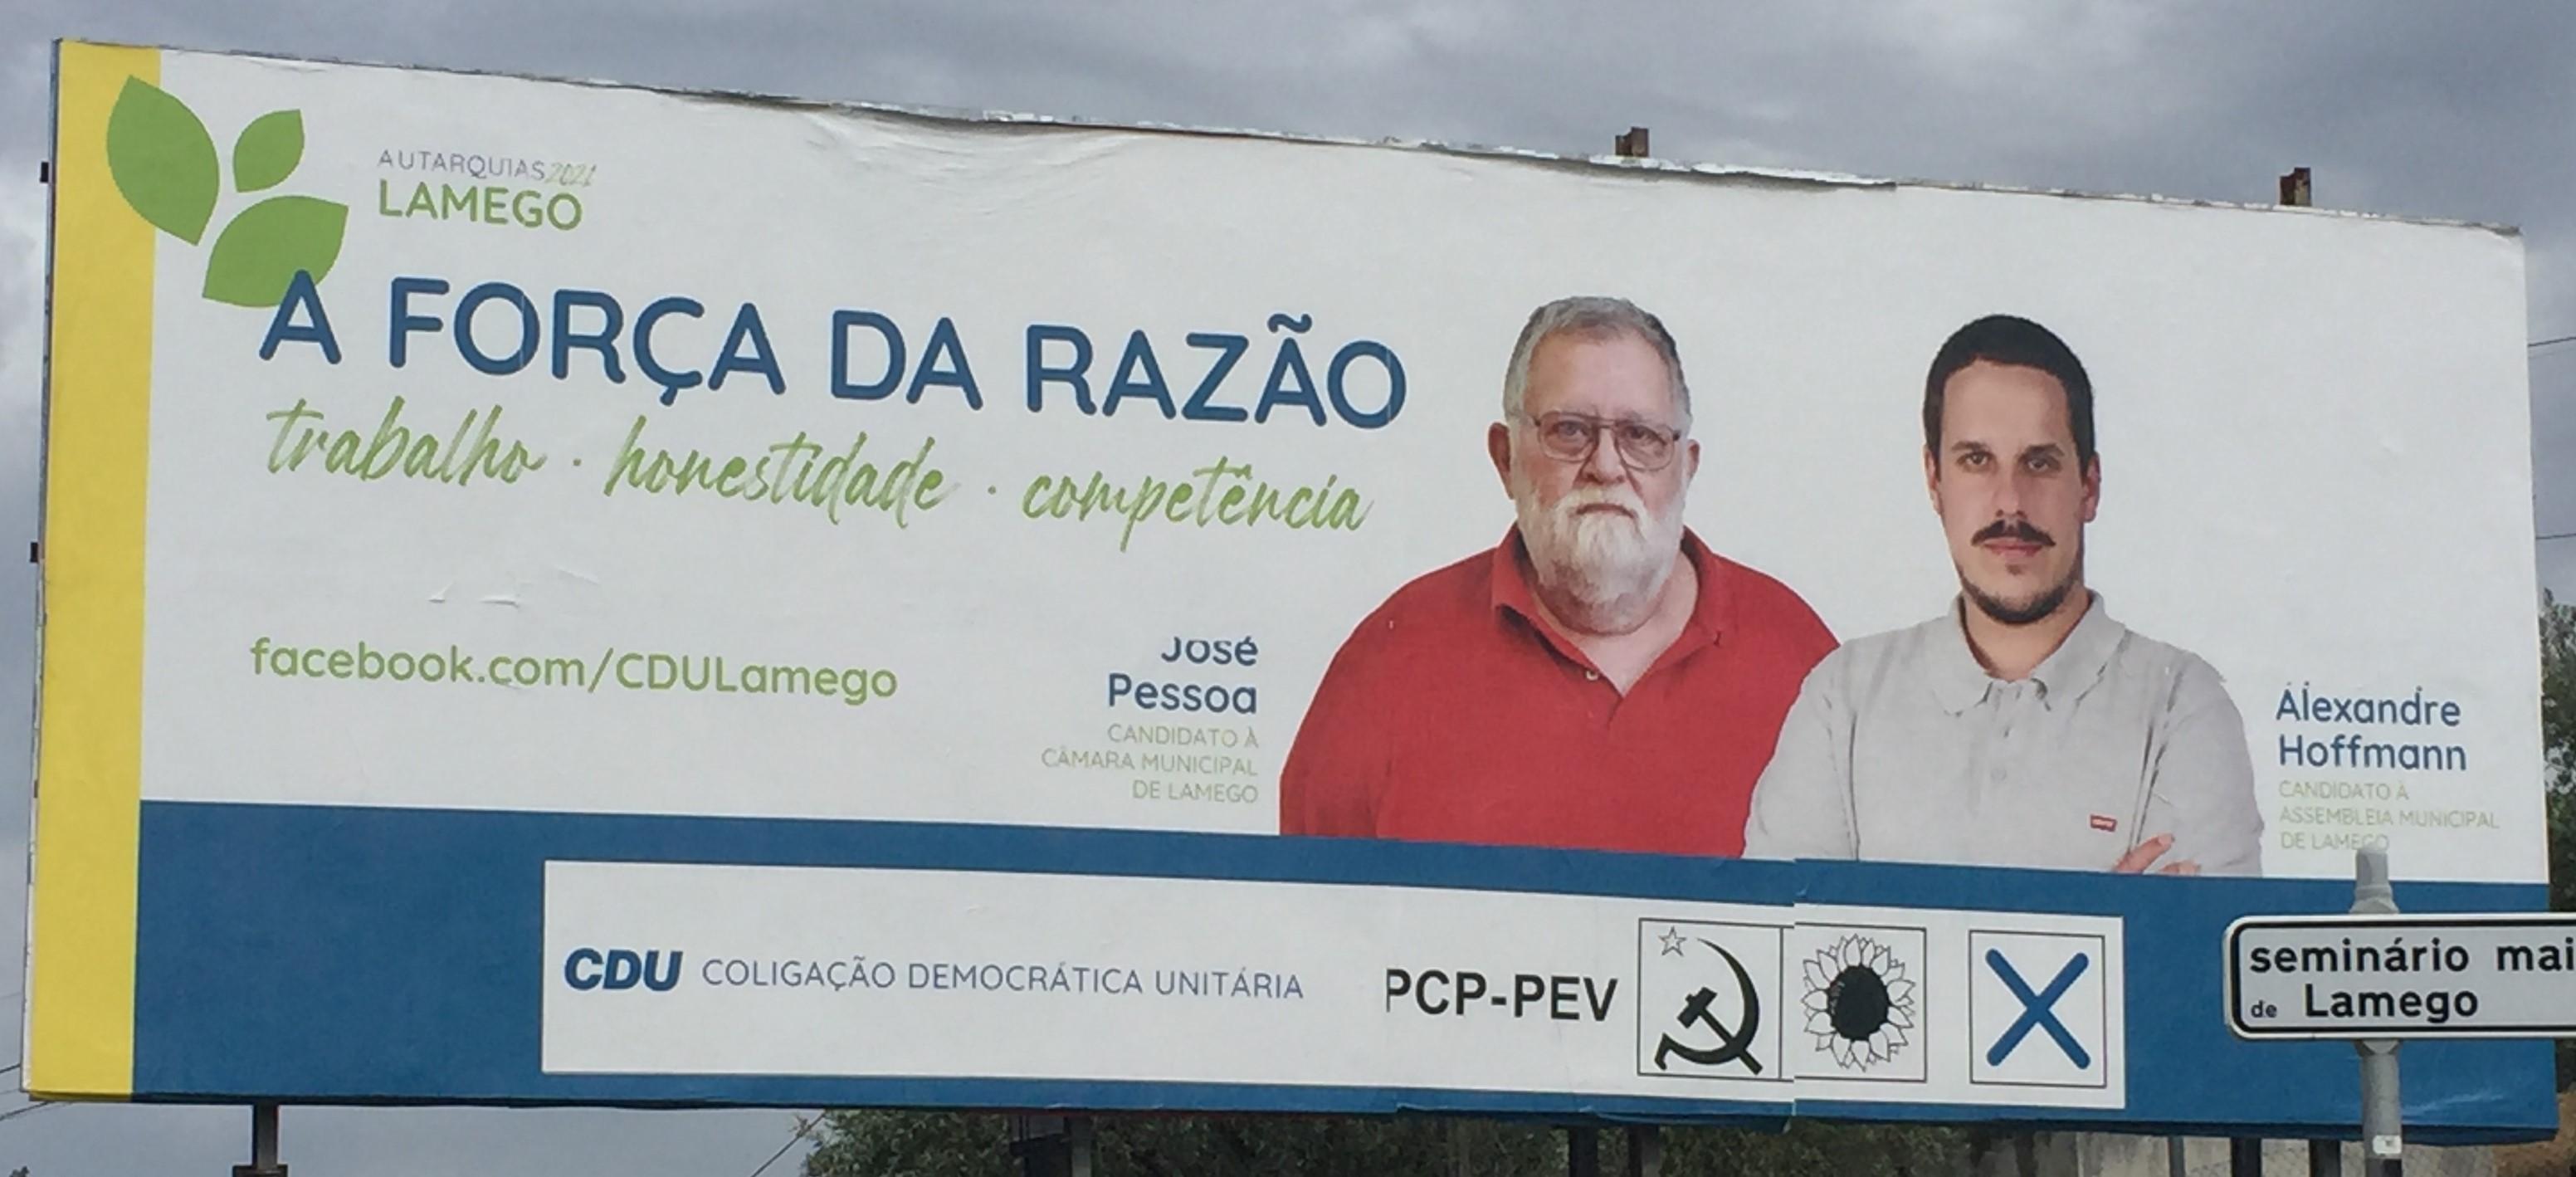 CDU_2021_Lamego_